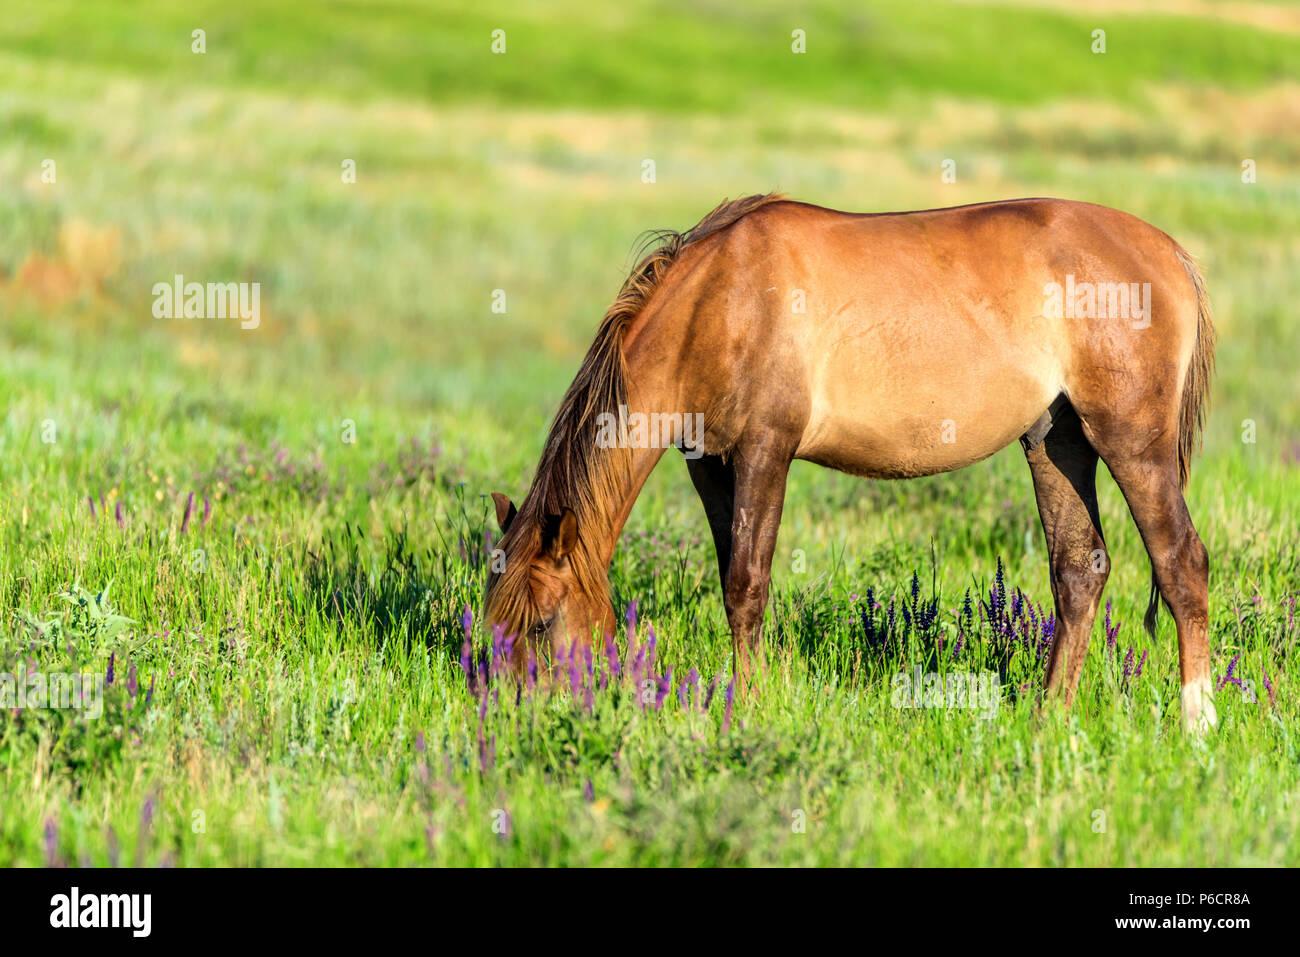 Wild horse grazes in the sunlit meadow - Stock Image